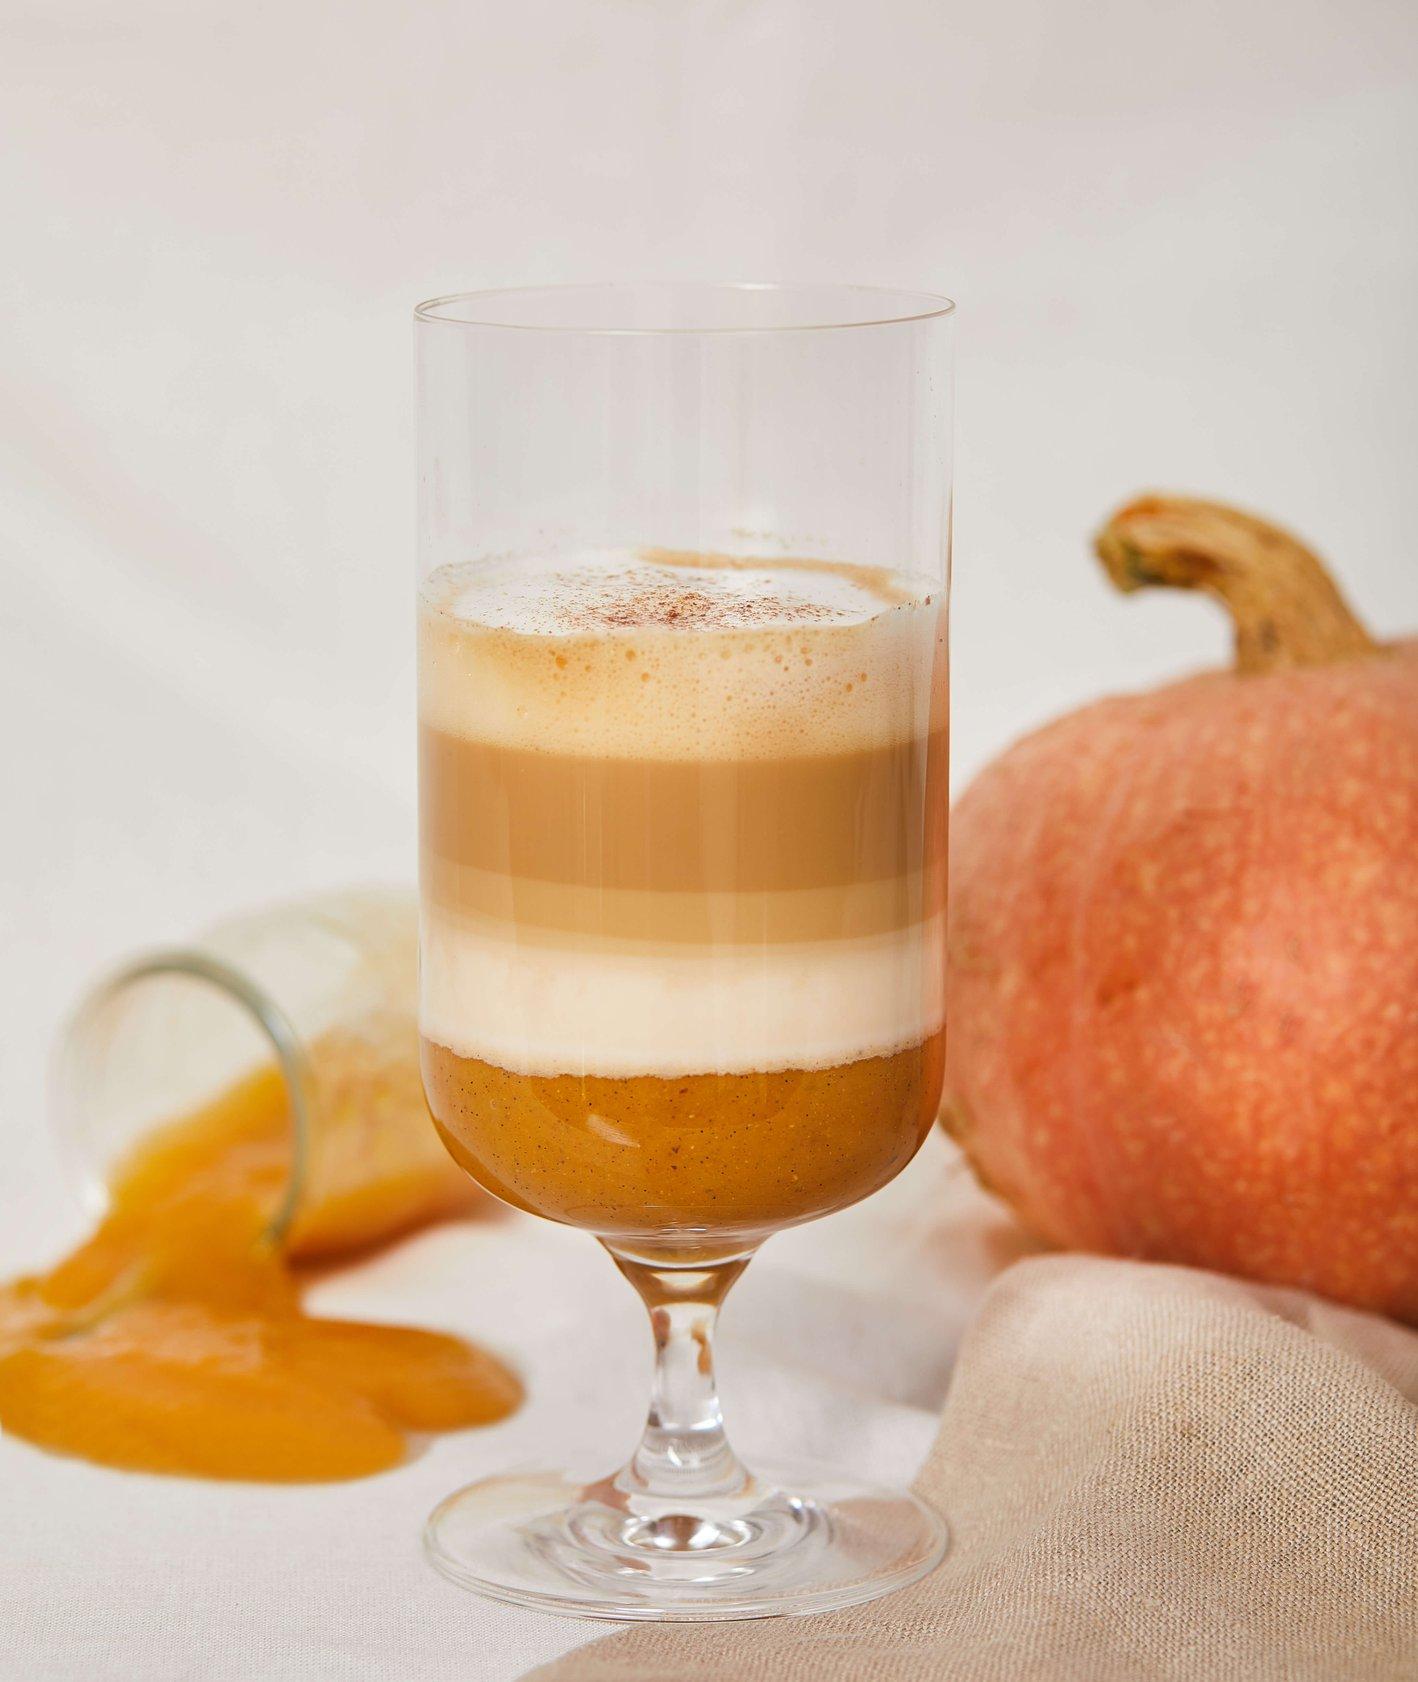 Mocno korzenne pumpkin spice latte z musem owocowym (fot. Maciek Niemojewski)